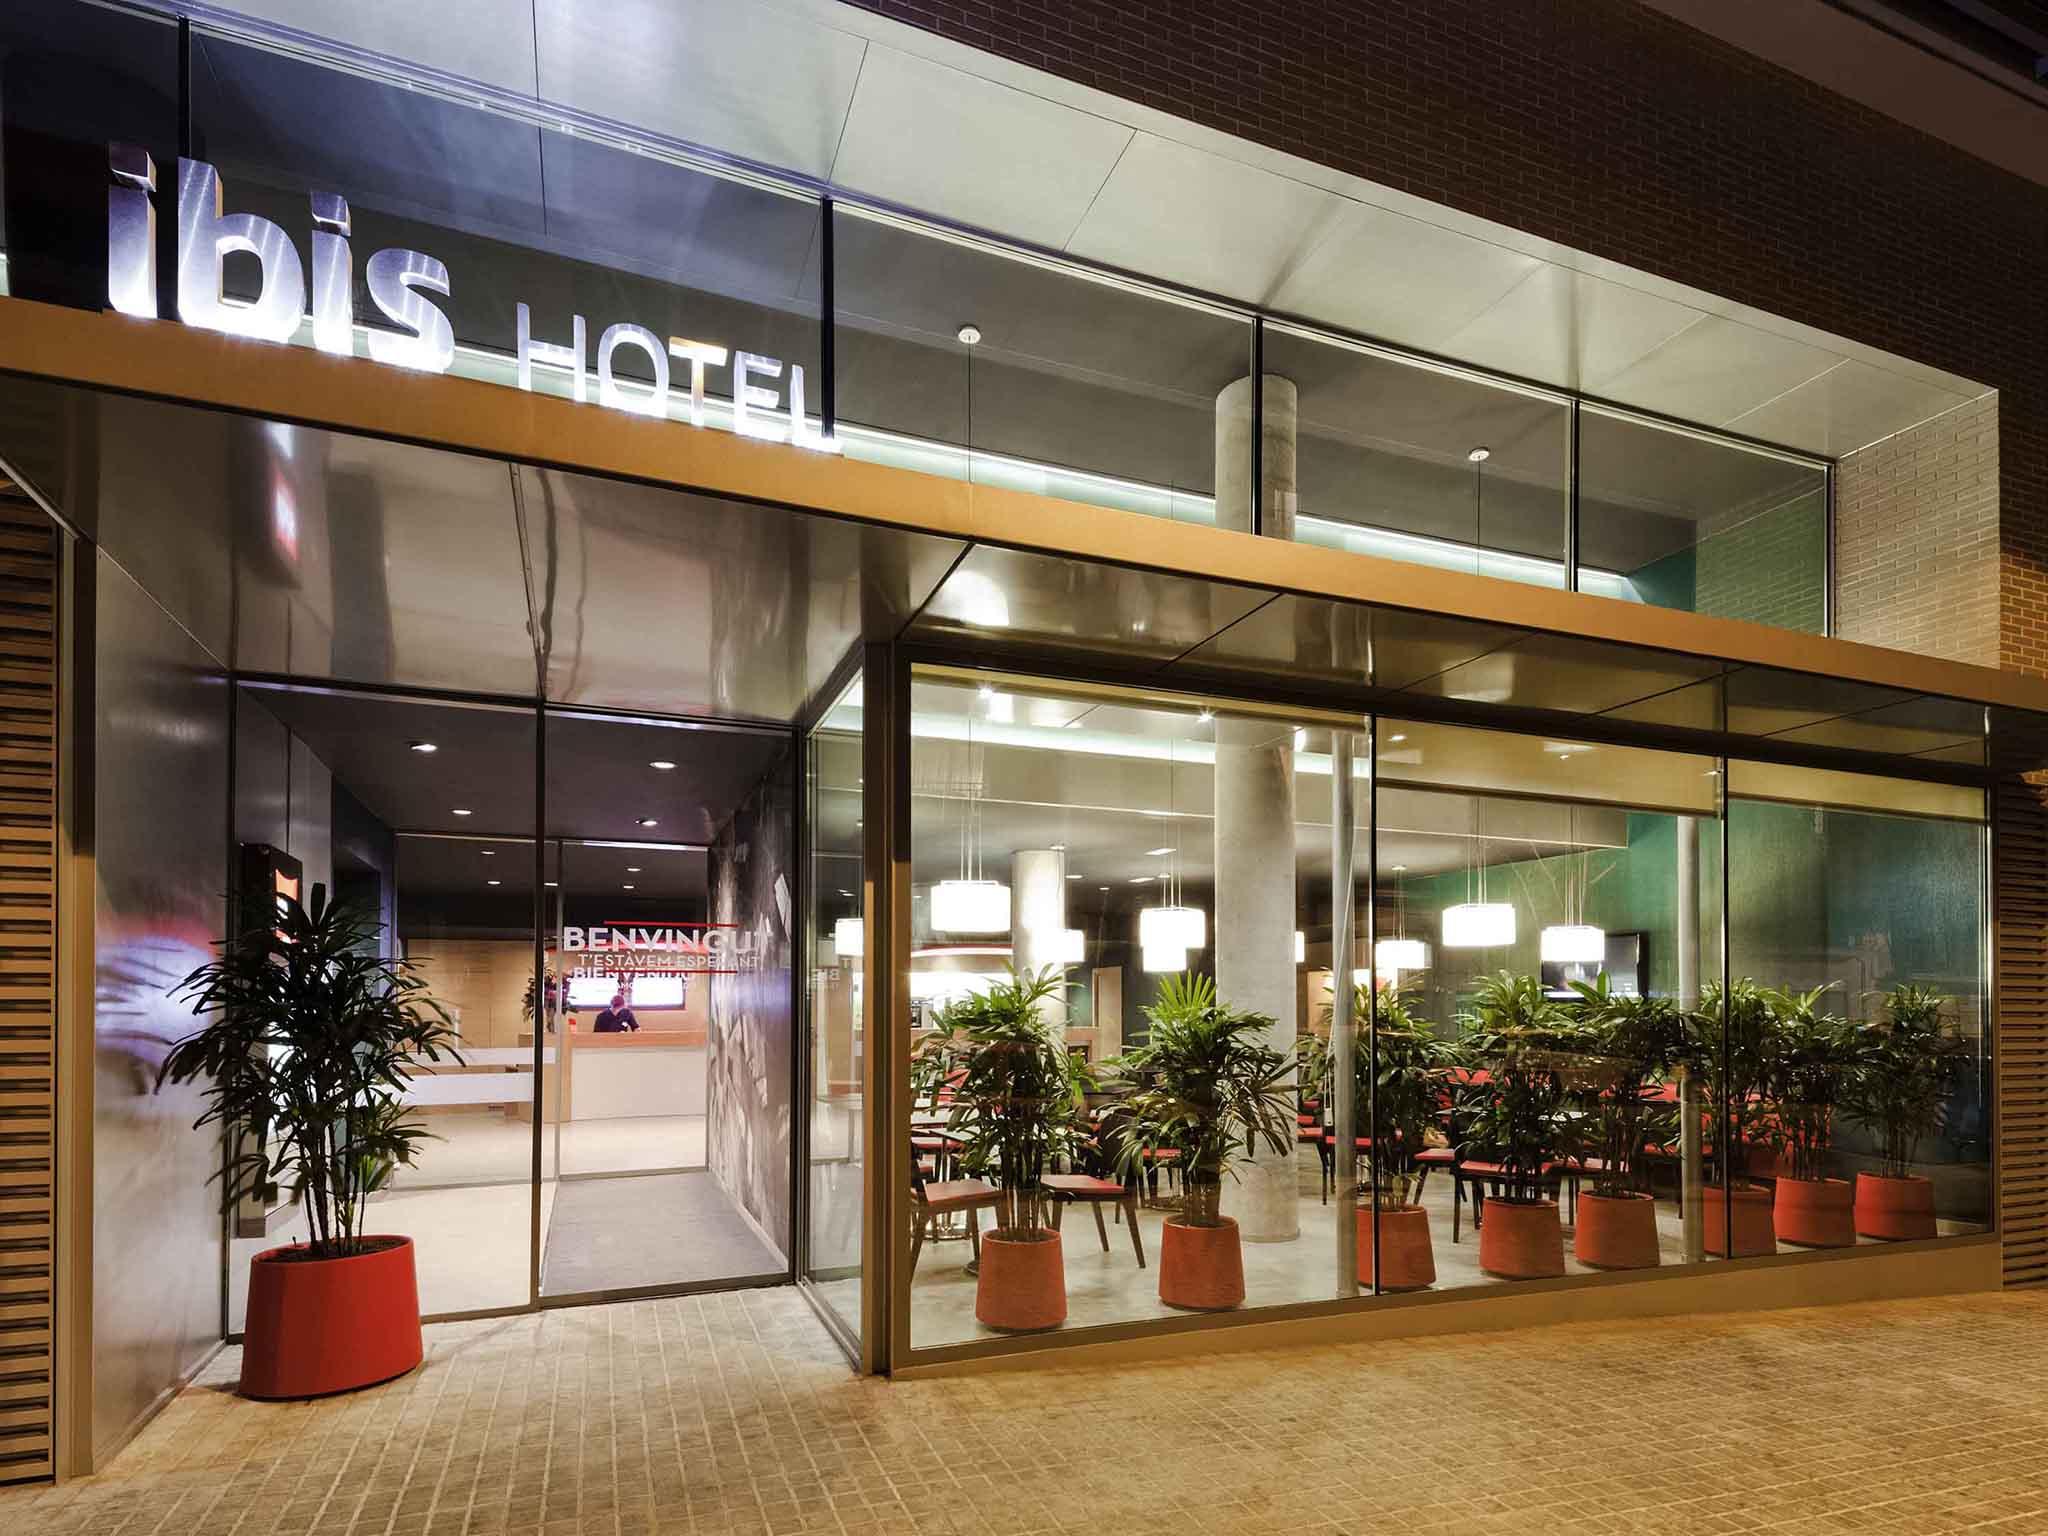 호텔 – 이비스 바르셀로나(사그라다 파밀리아)